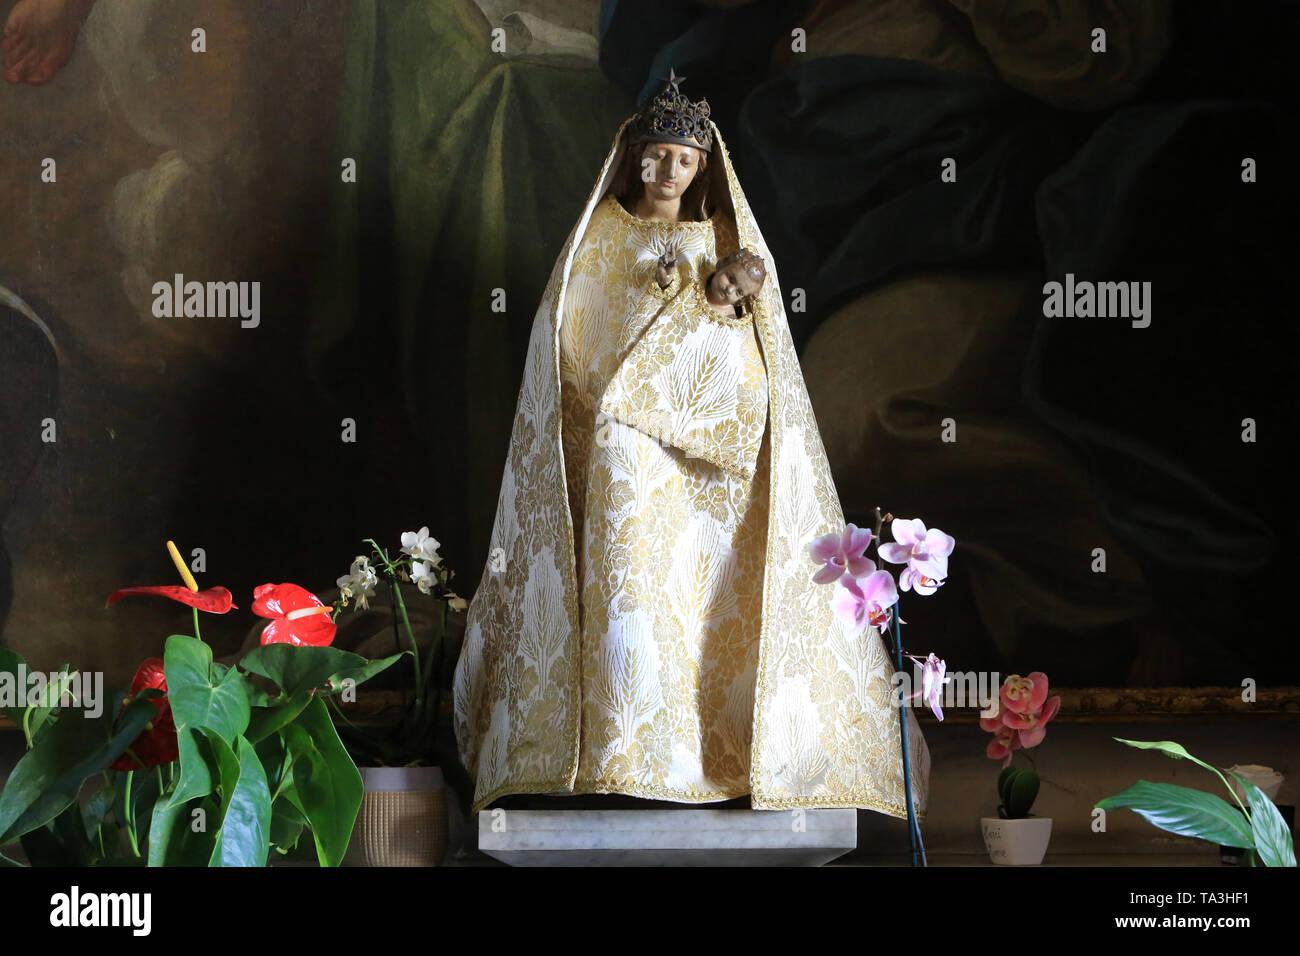 Notre Dame du Bon Conseil. Chapelle. Basilika Notre-Dame de Fourvière. Lyon. Unsere Liebe Frau vom Guten Rat. Kapelle. Stockbild